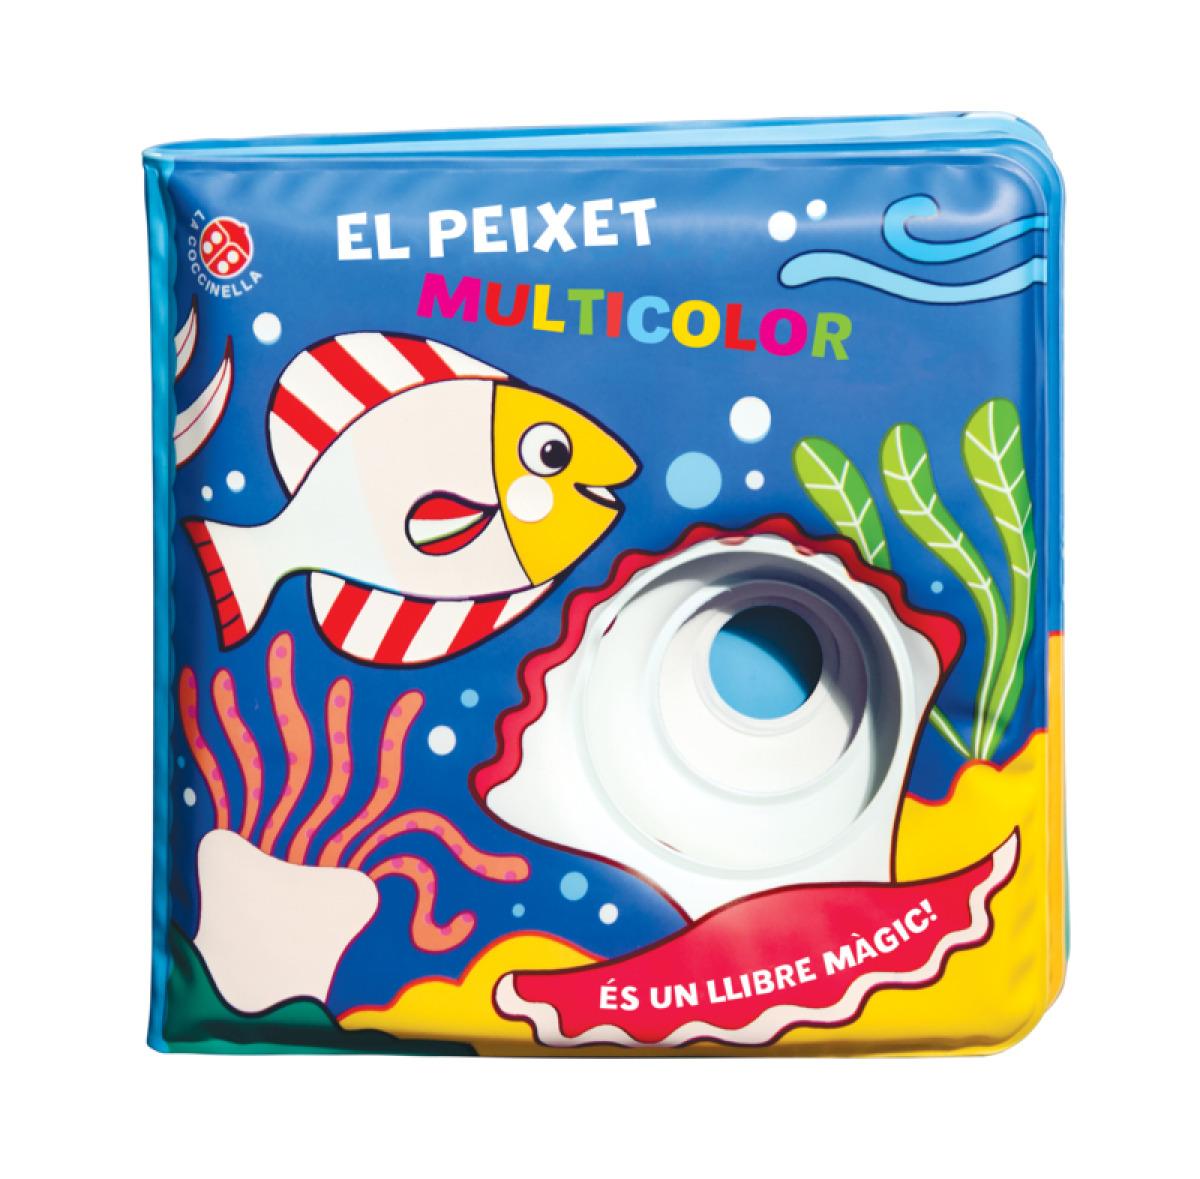 El peixet multicolor